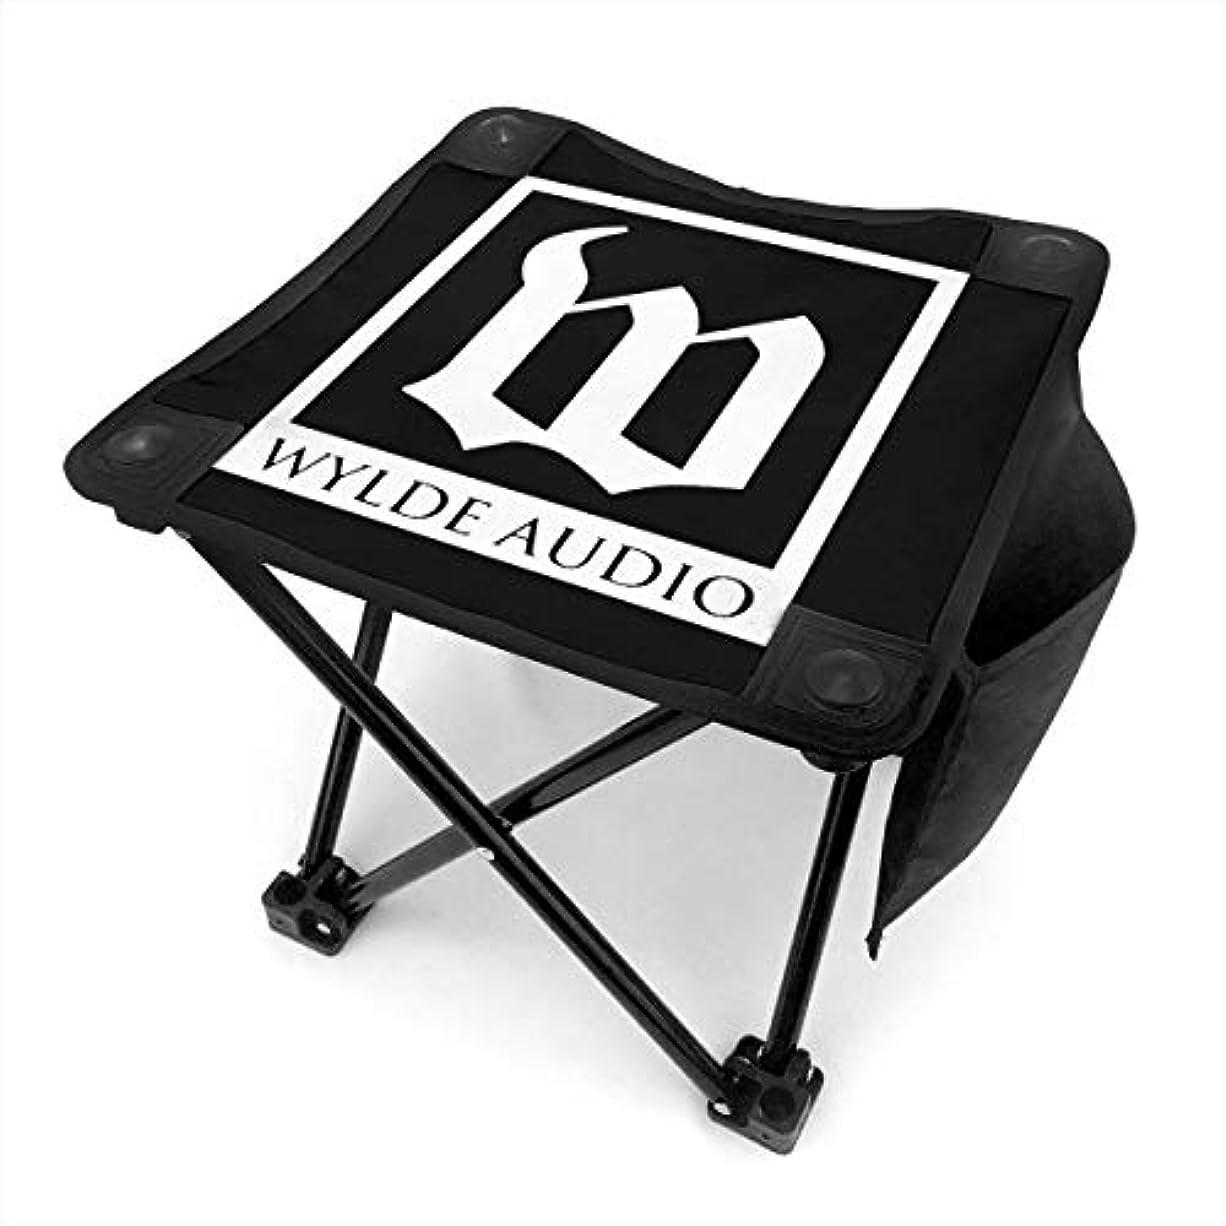 吸い込むディプロマ本物Zakk Wylde Logo アウトドアチェア 折りたたみ椅子 コンパクトイス 軽量 耐荷重100kg 収納バック付き キャンプ バーベキュー 釣り 運動会 花見 キャンプ用品 チェアー 携帯用